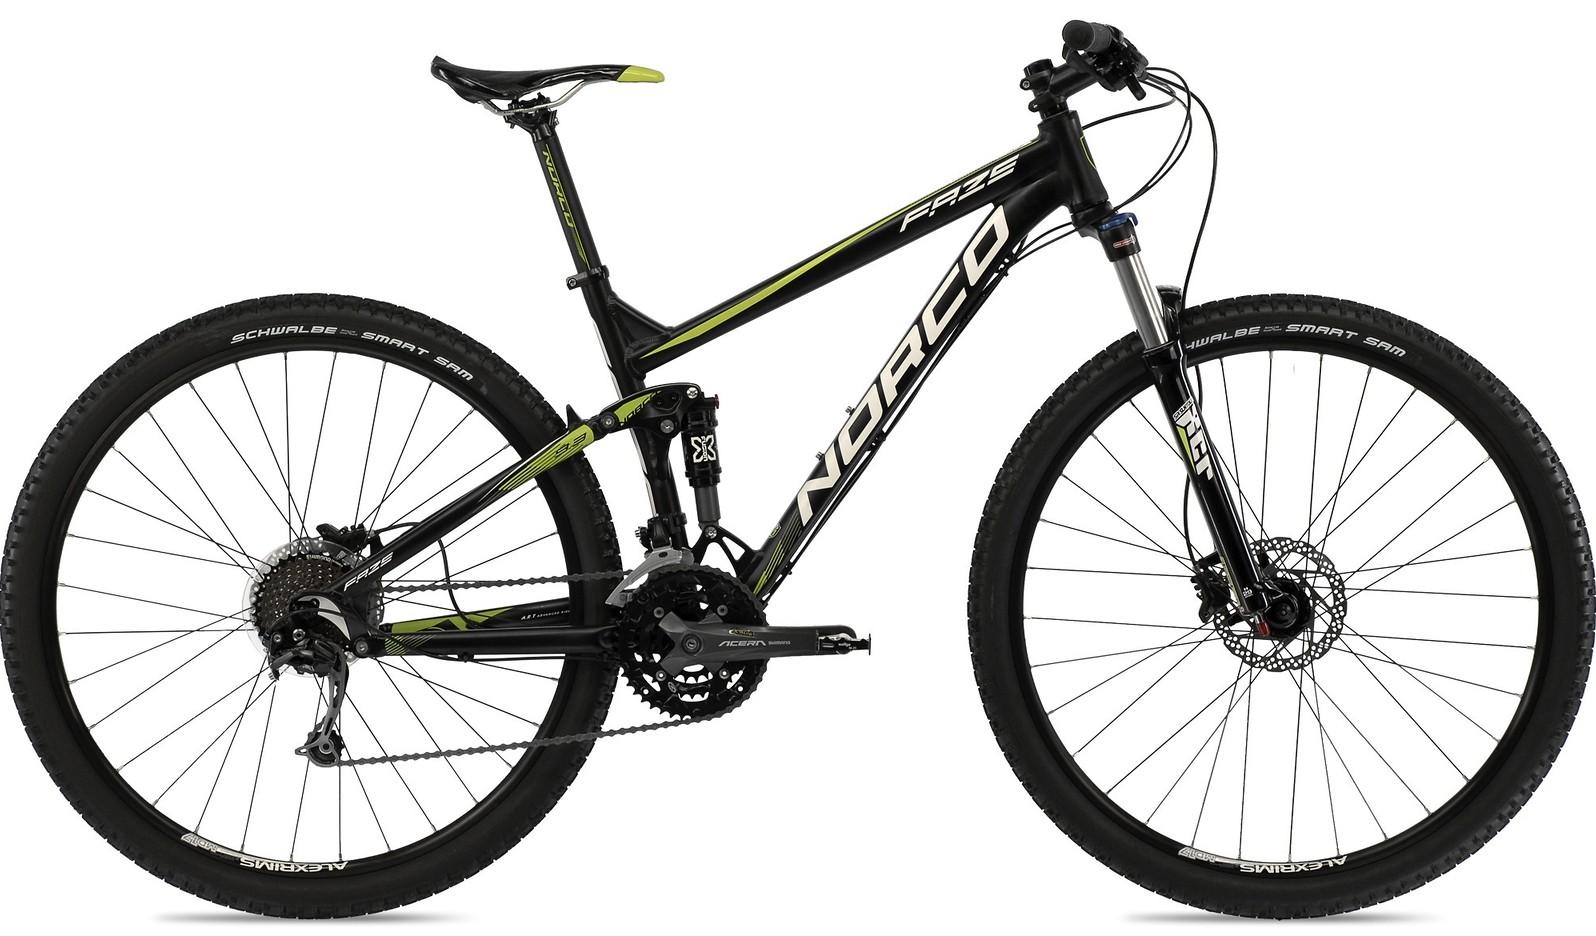 bike - 2014 Norco Faze 9.3